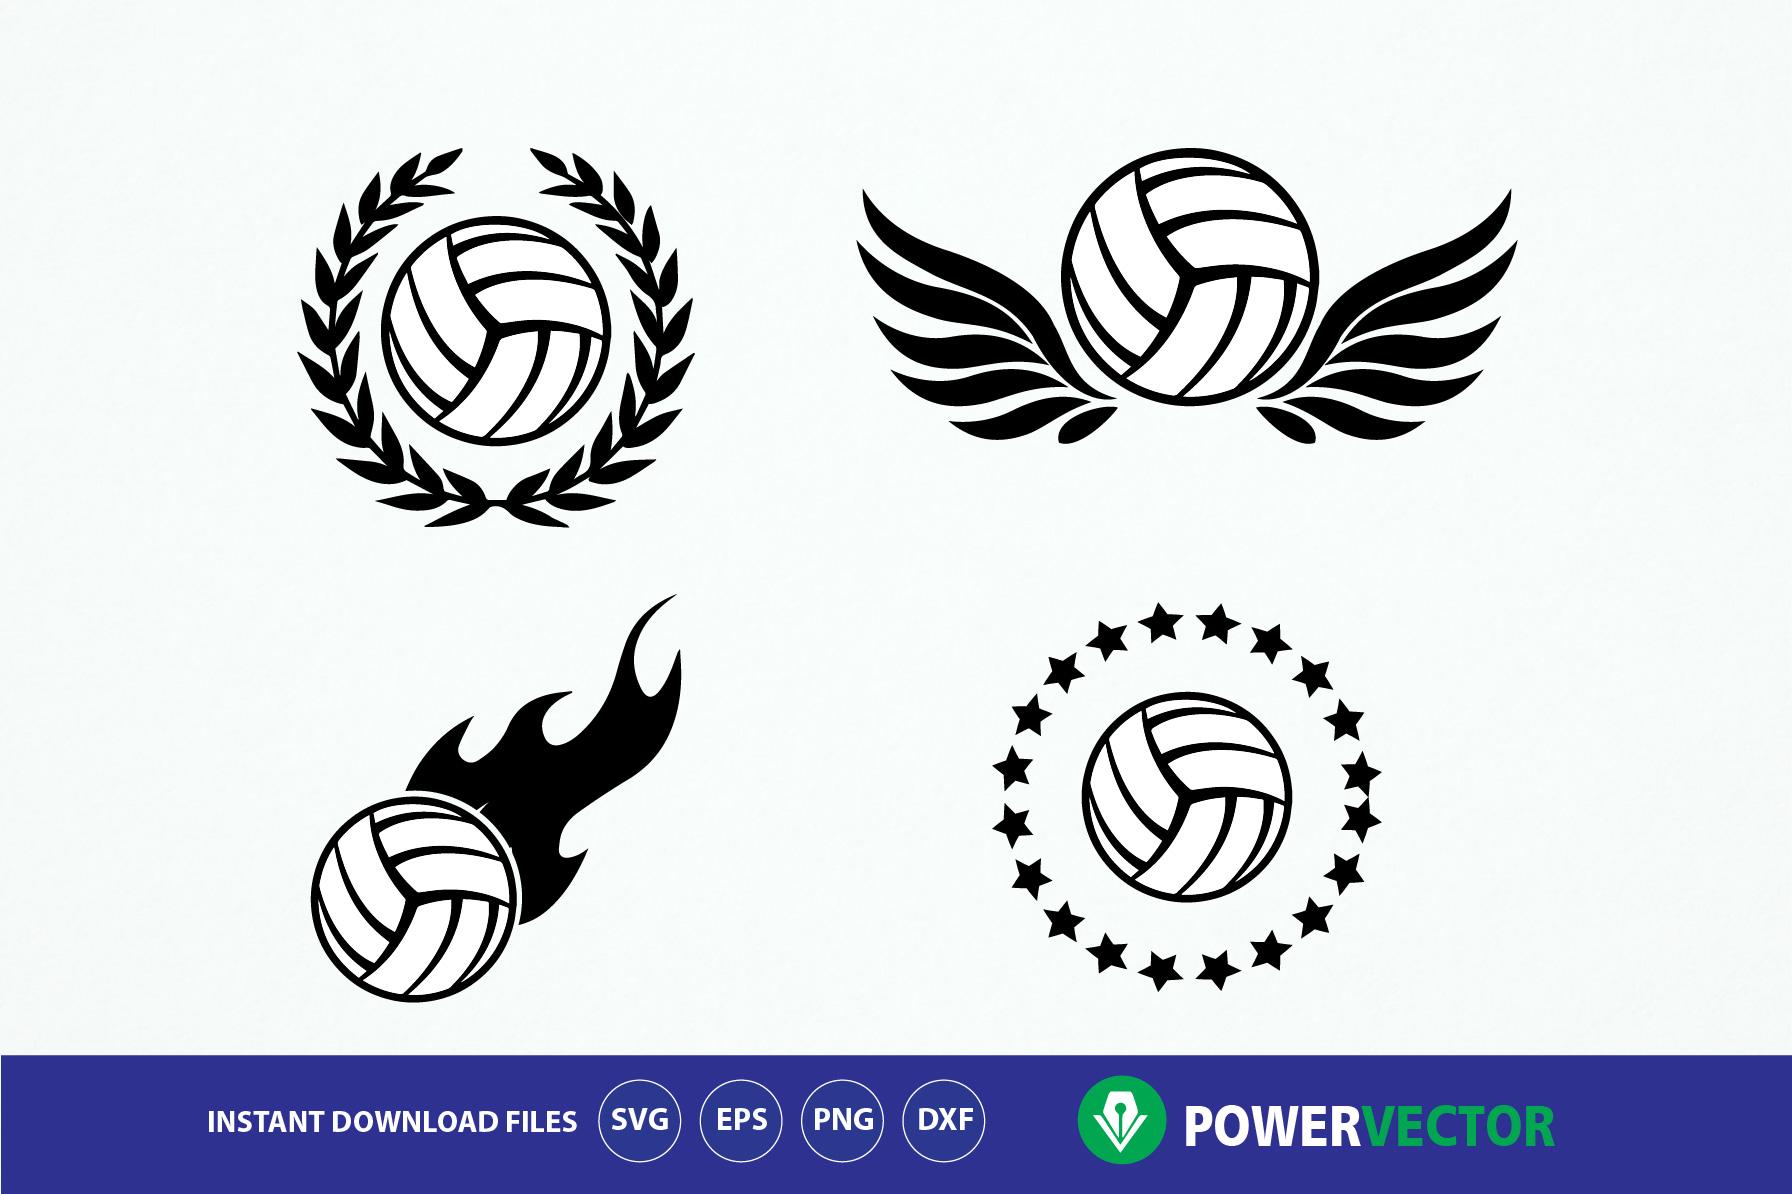 Volleyball Team Logo Emblem Design Svg, Dxf, Eps, Png Files.